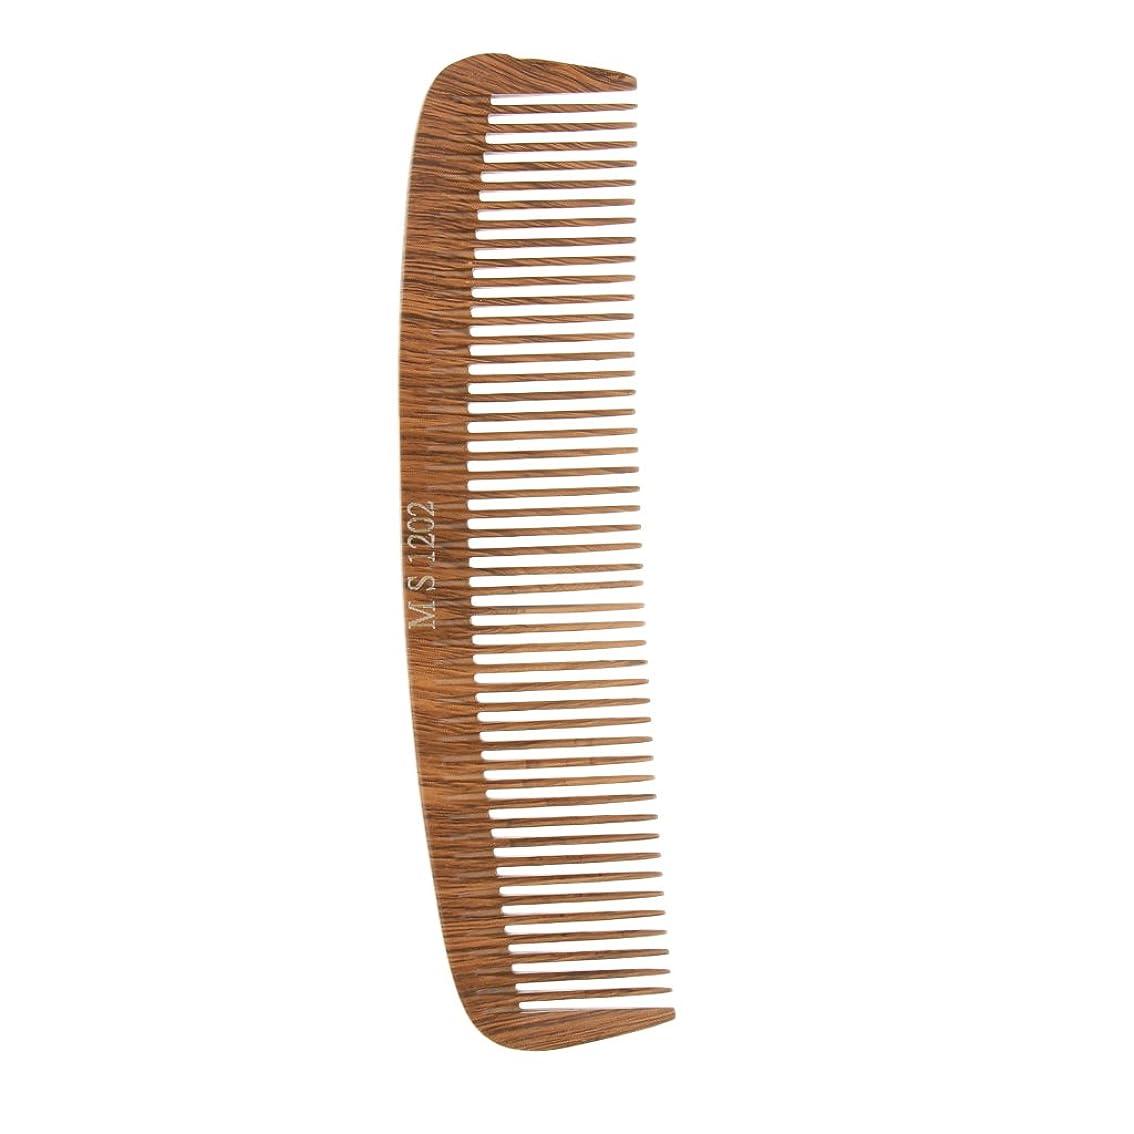 対人退屈な許可Baosity ヘアカットコーム コーム 木製櫛 帯電防止 4タイプ選べる - 1202